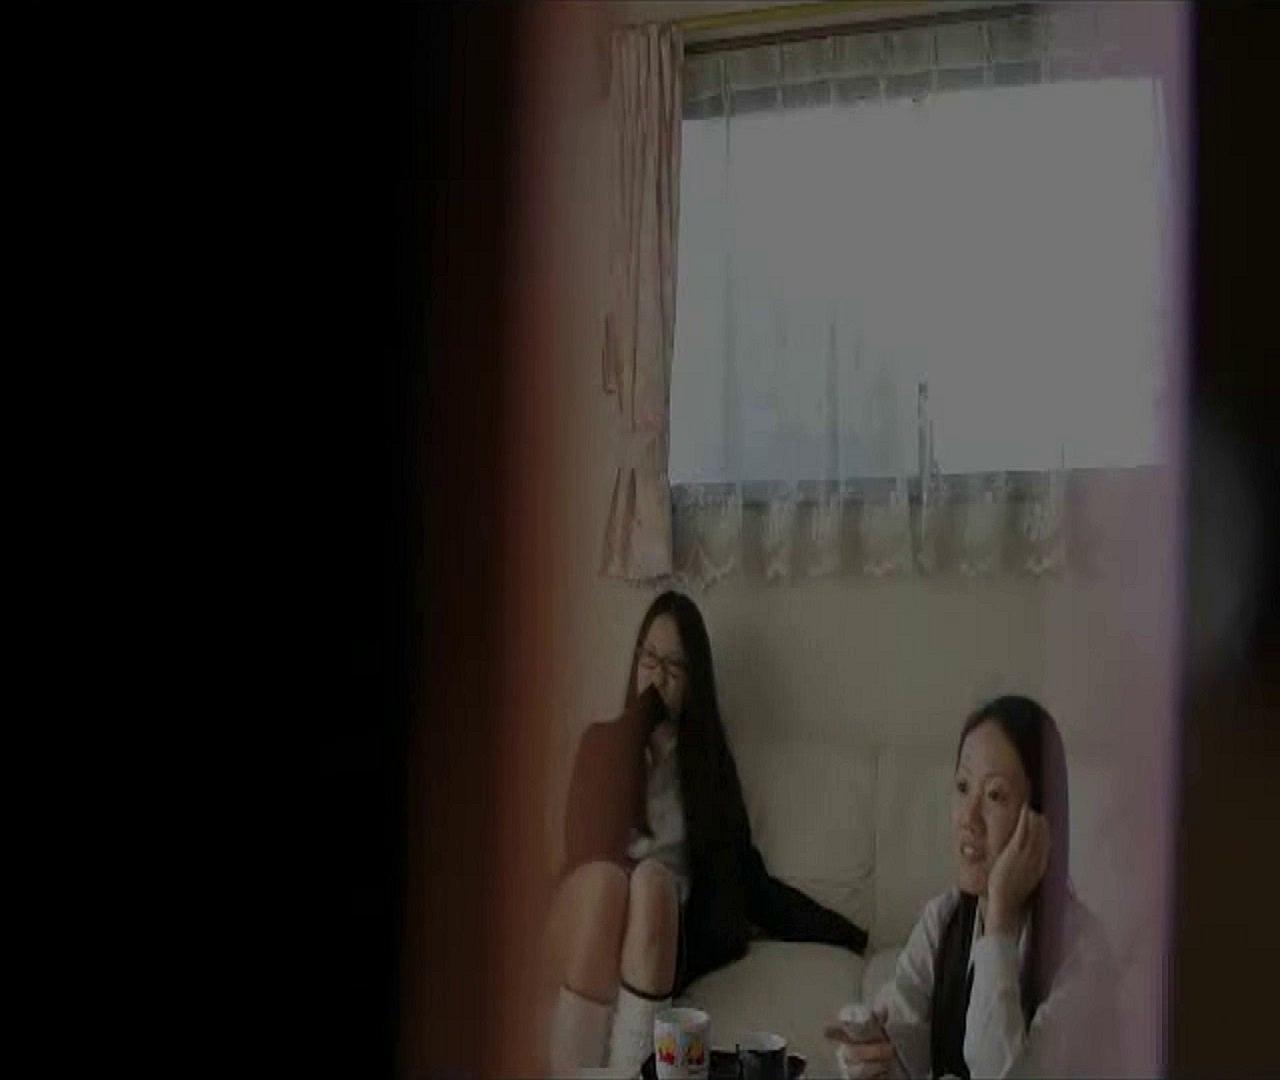 二人とも育てた甲斐がありました… vol.01 まどかとレイカの日常 OLセックス   0  91画像 47